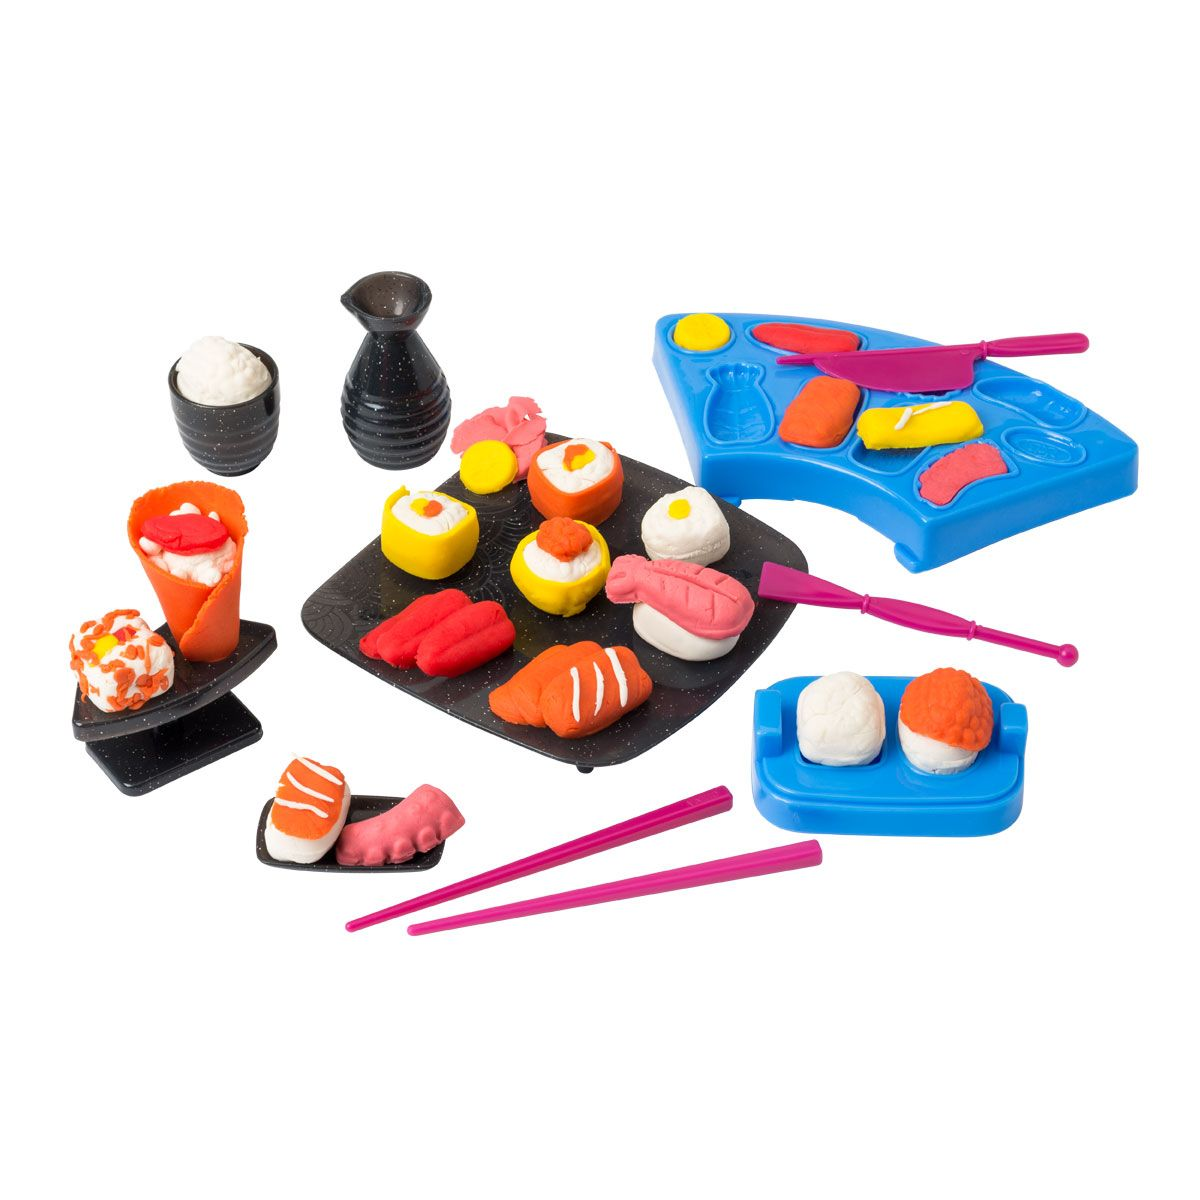 Coffret de pâte à modeler sushi Artibul création Oxybul en 2020 | Idée de jeux, Jeux eveil